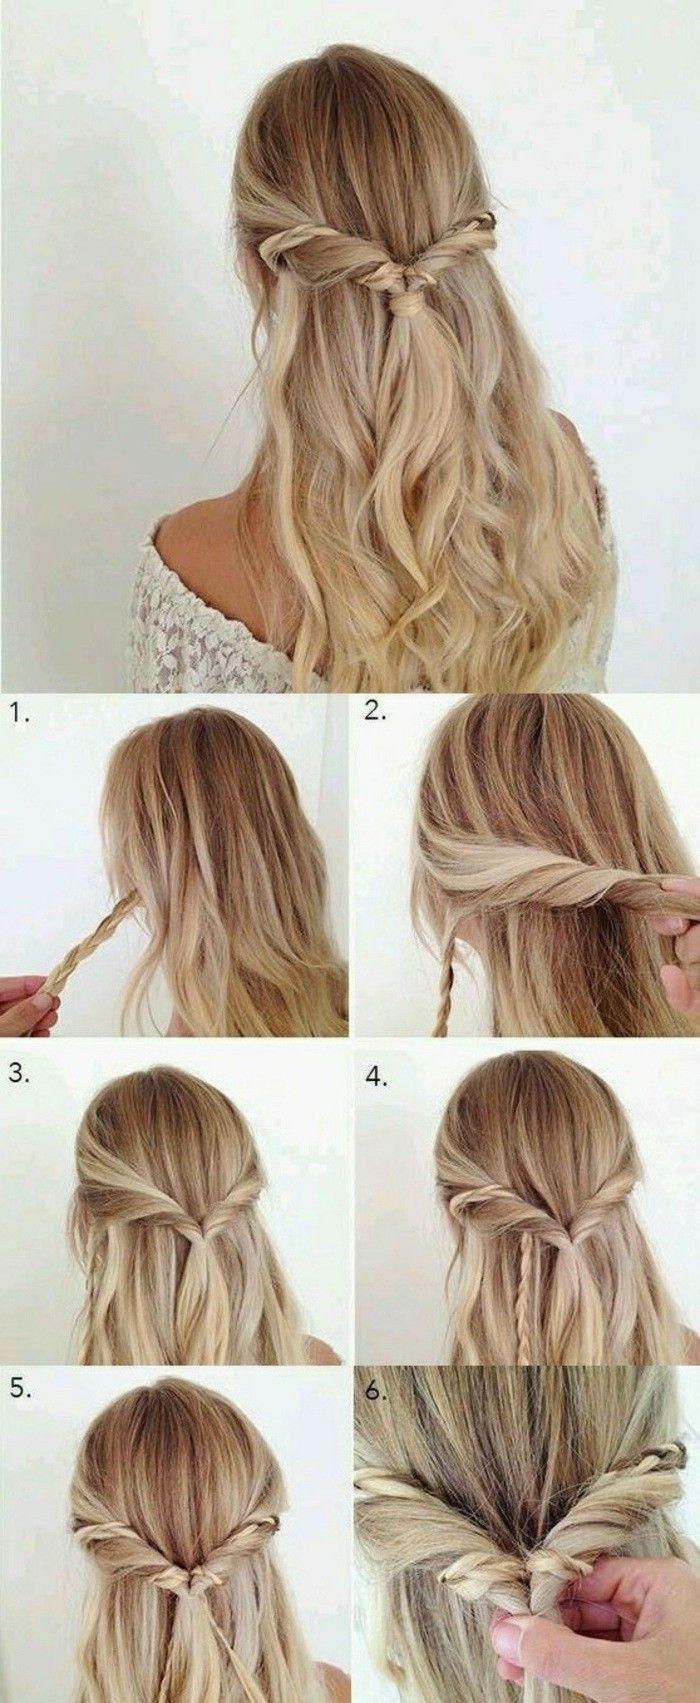 Frisuren Frauen Zum Nachmachen Frauen Frisuren Frisurenf Portuqual Tudo Aqui Leichte Frisuren Lange Haare Haare Einfach Flechten Geflochtene Frisuren